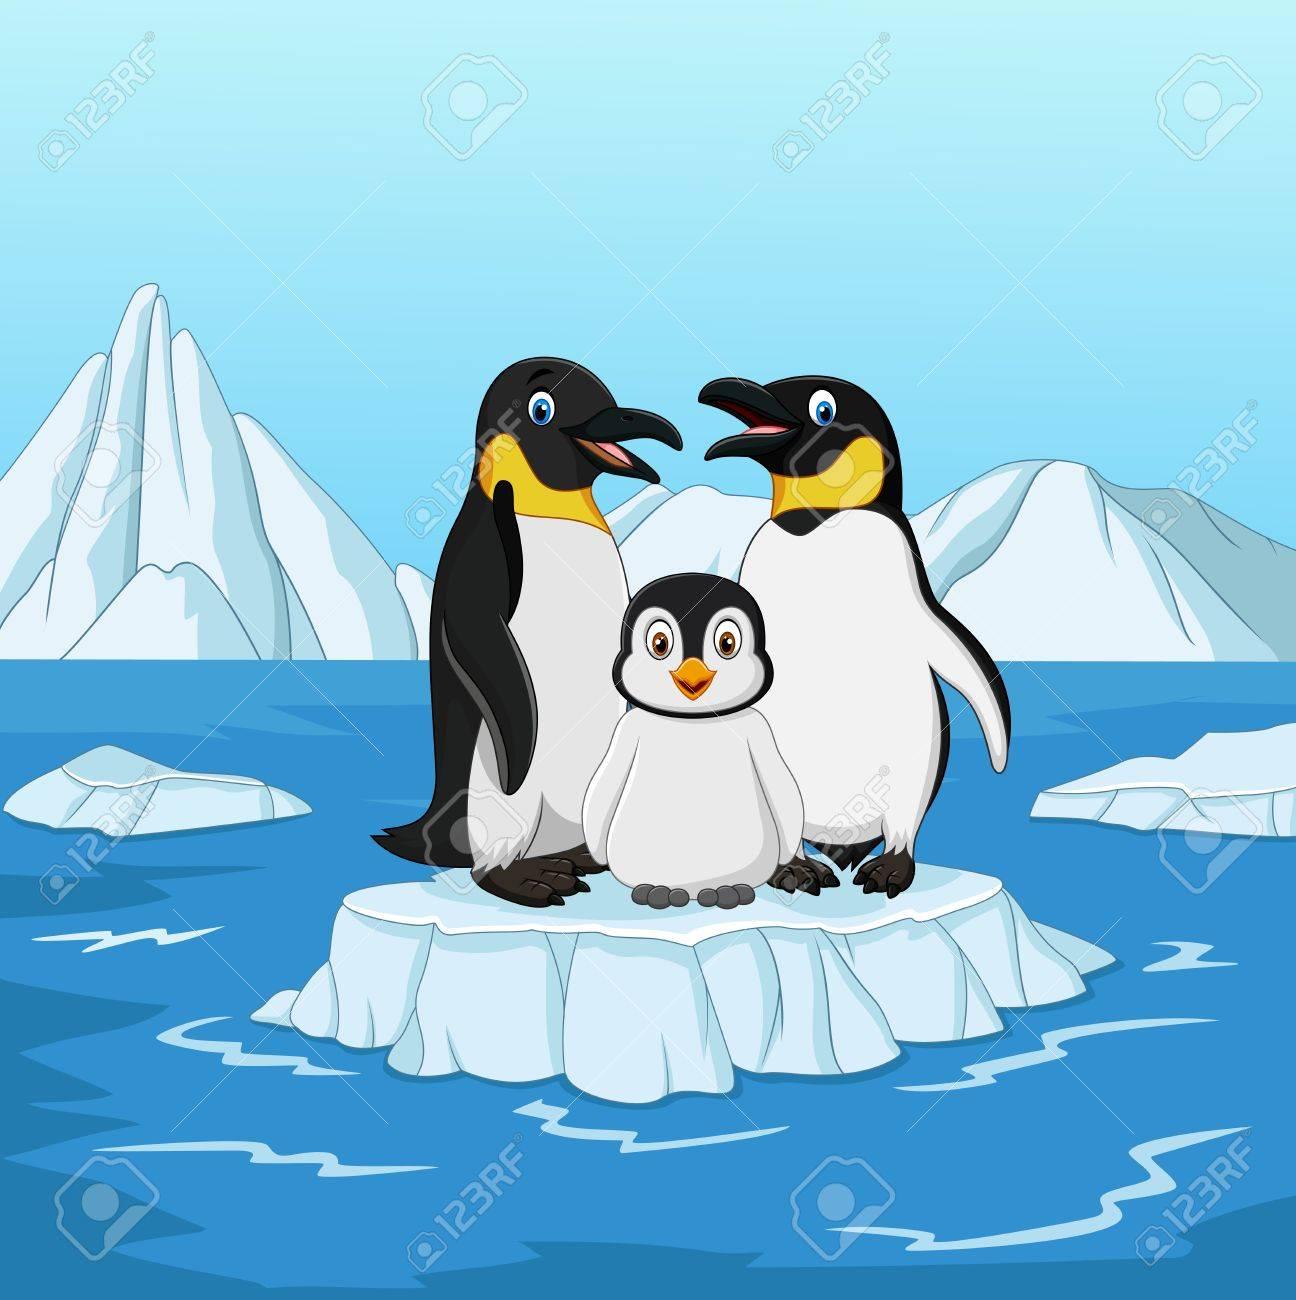 Illustration Vectorielle De Dessin Anime Heureux Pingouin Famille Debout Glace Banquise Clip Art Libres De